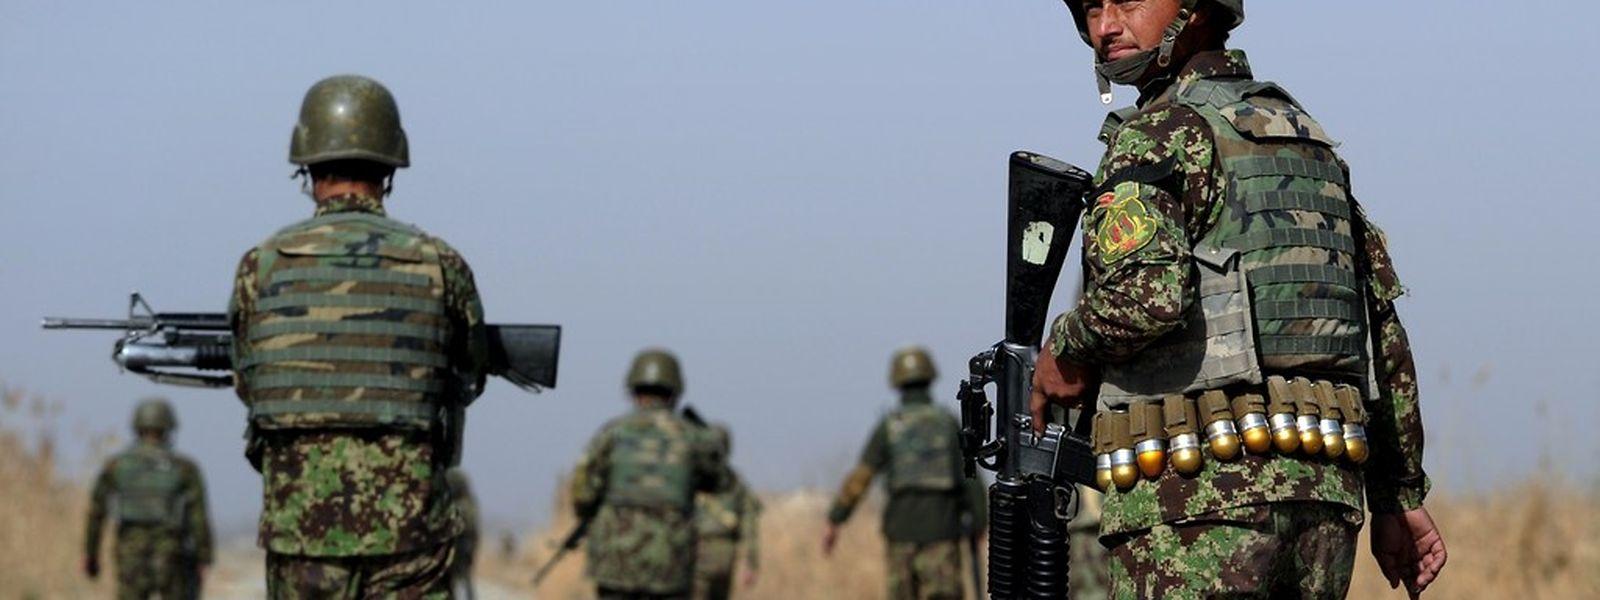 Un soldat afghan, le 10 décembre 2014, dans la province de Kandahar